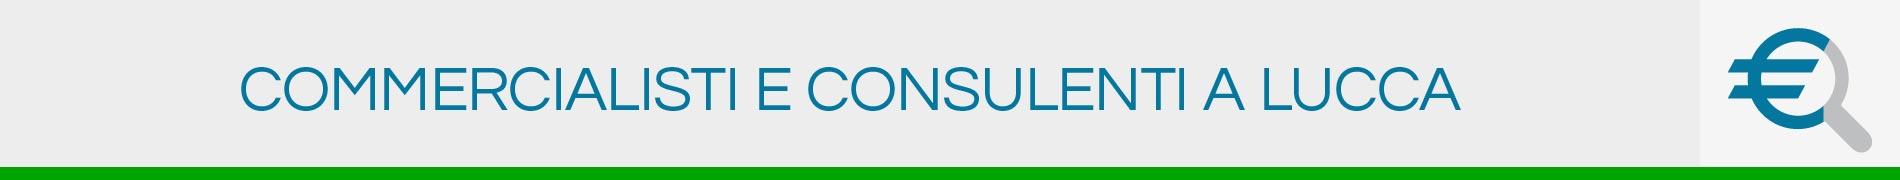 Commercialisti e Consulenti a Lucca